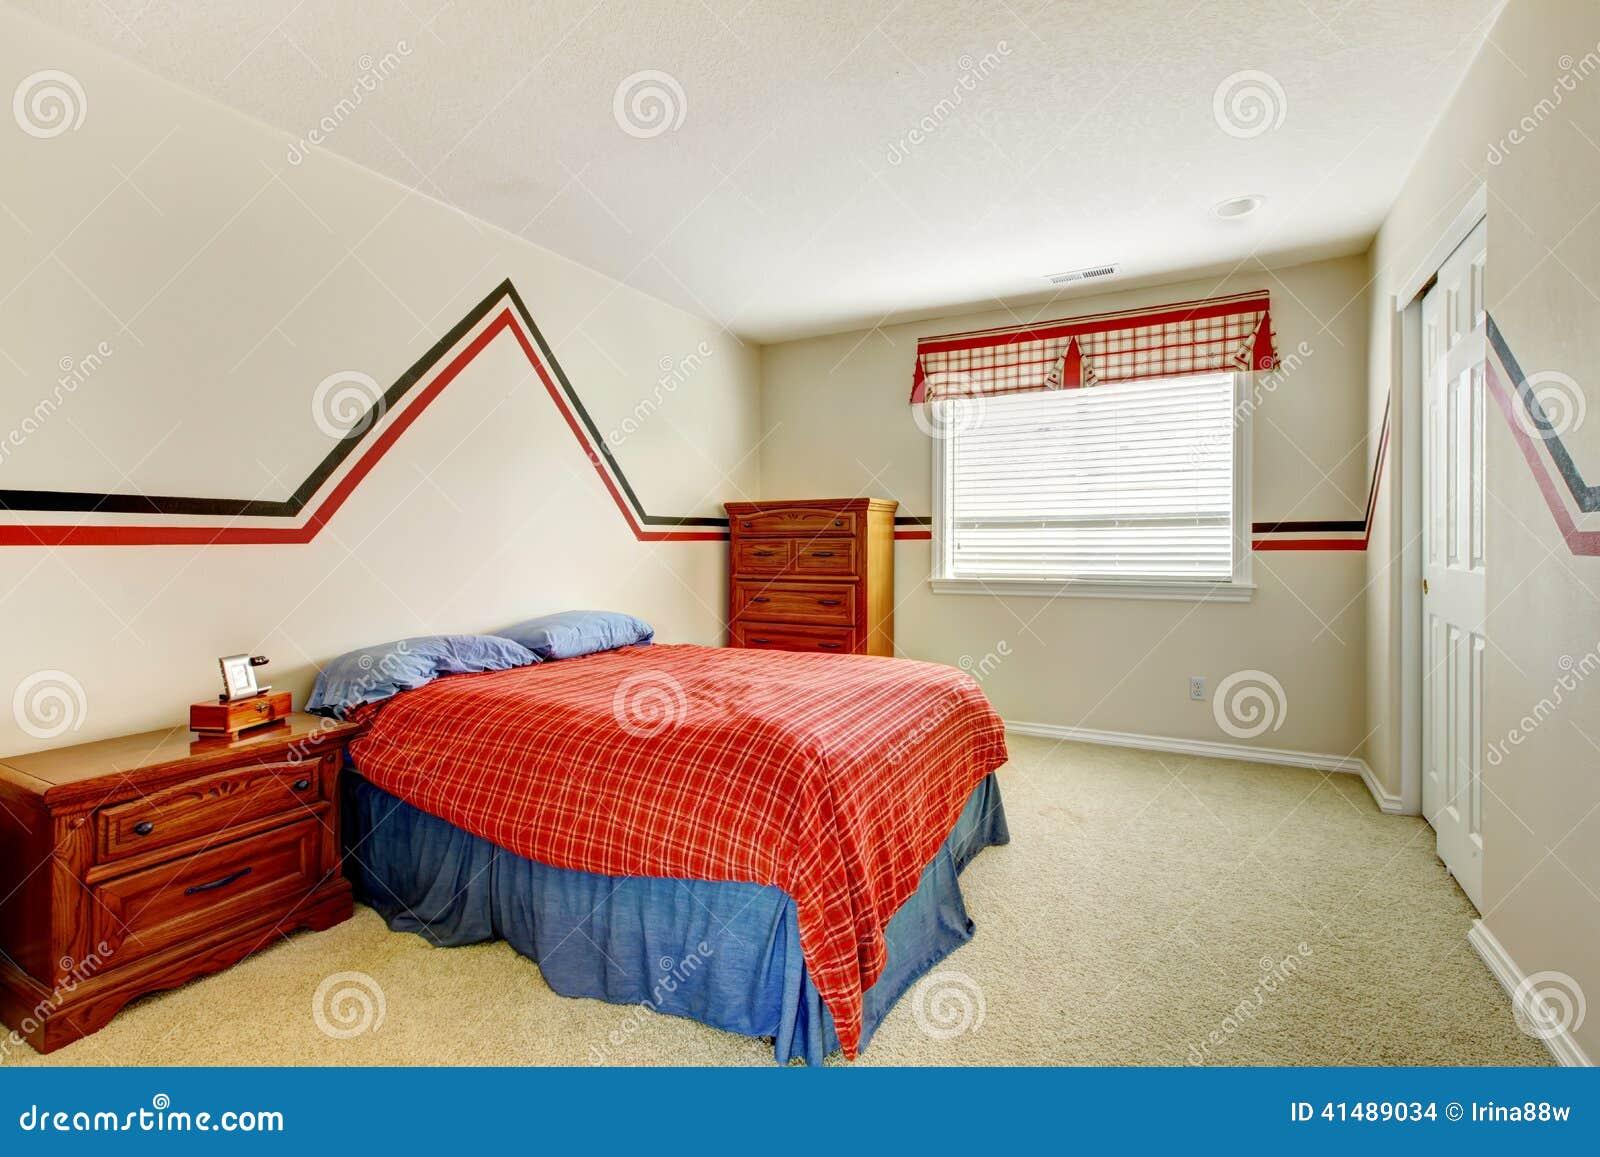 schlafzimmer mit gemalter wand und helle farben gehen zu bett stockfoto bild 41489034. Black Bedroom Furniture Sets. Home Design Ideas